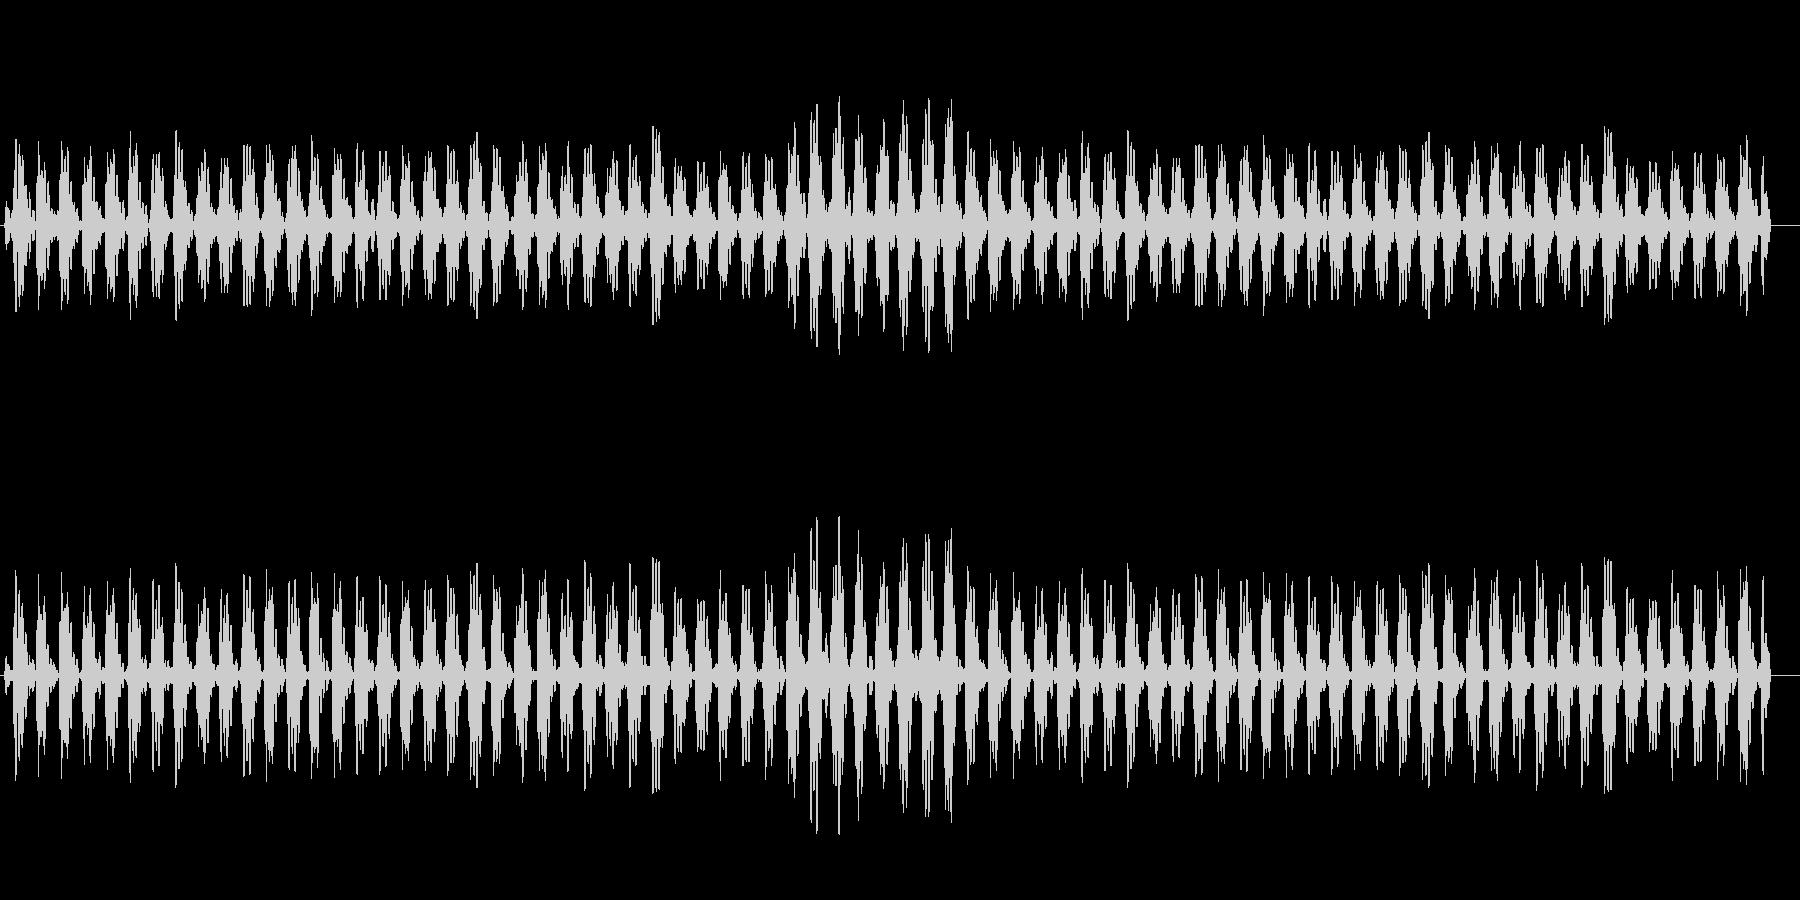 高原でアイドリングで信号待ちしている音の未再生の波形